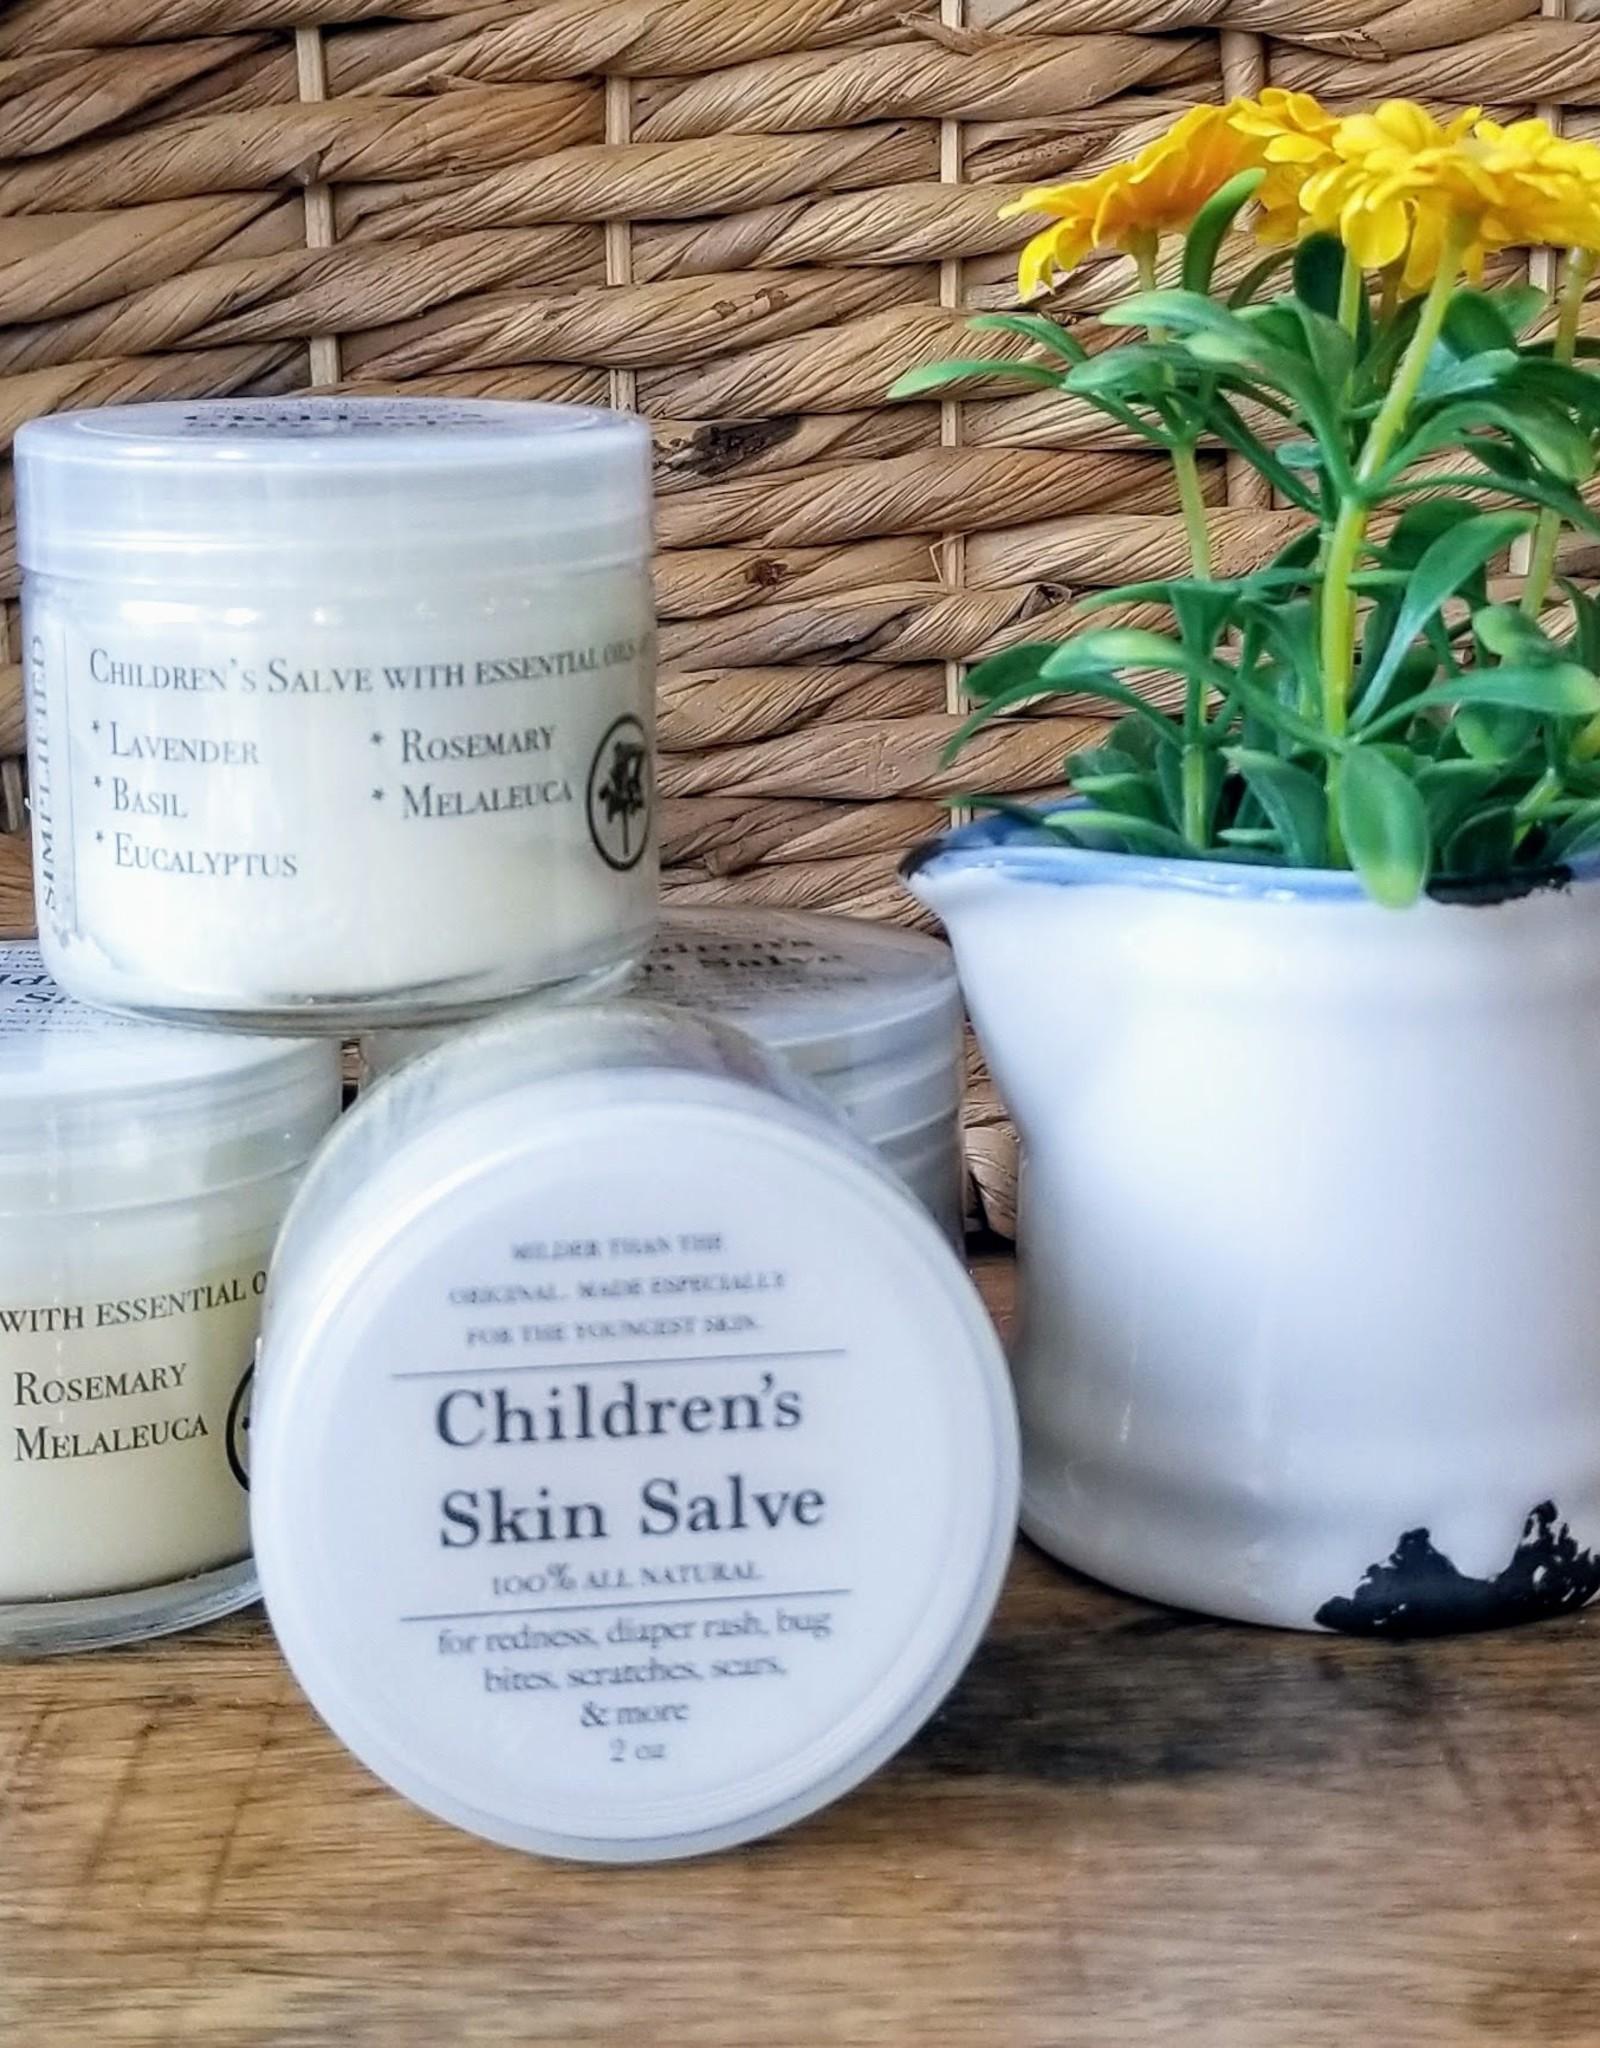 Children's Skin Salve